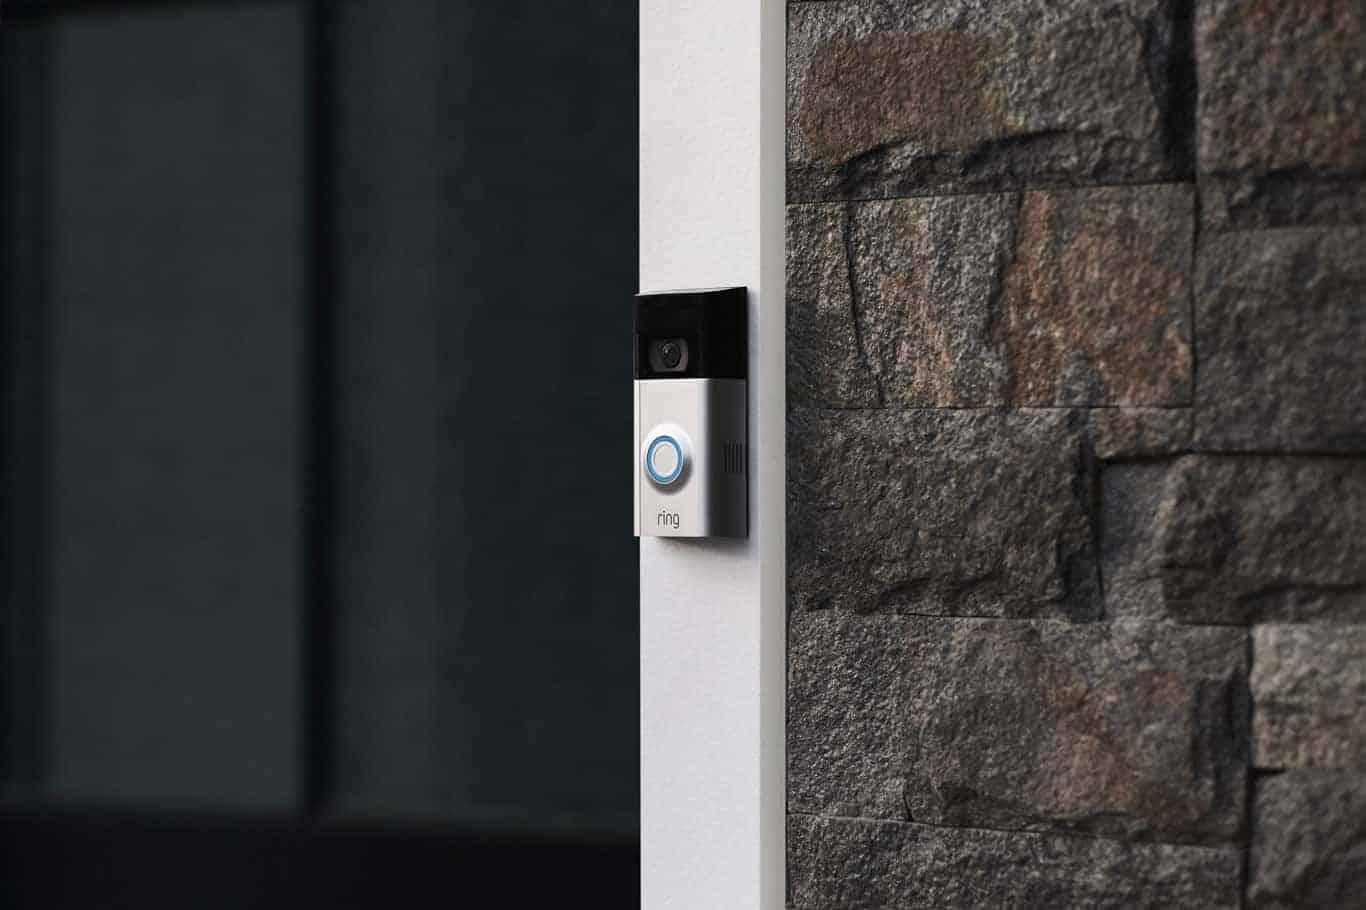 Ring Video Doorbell second generation 4